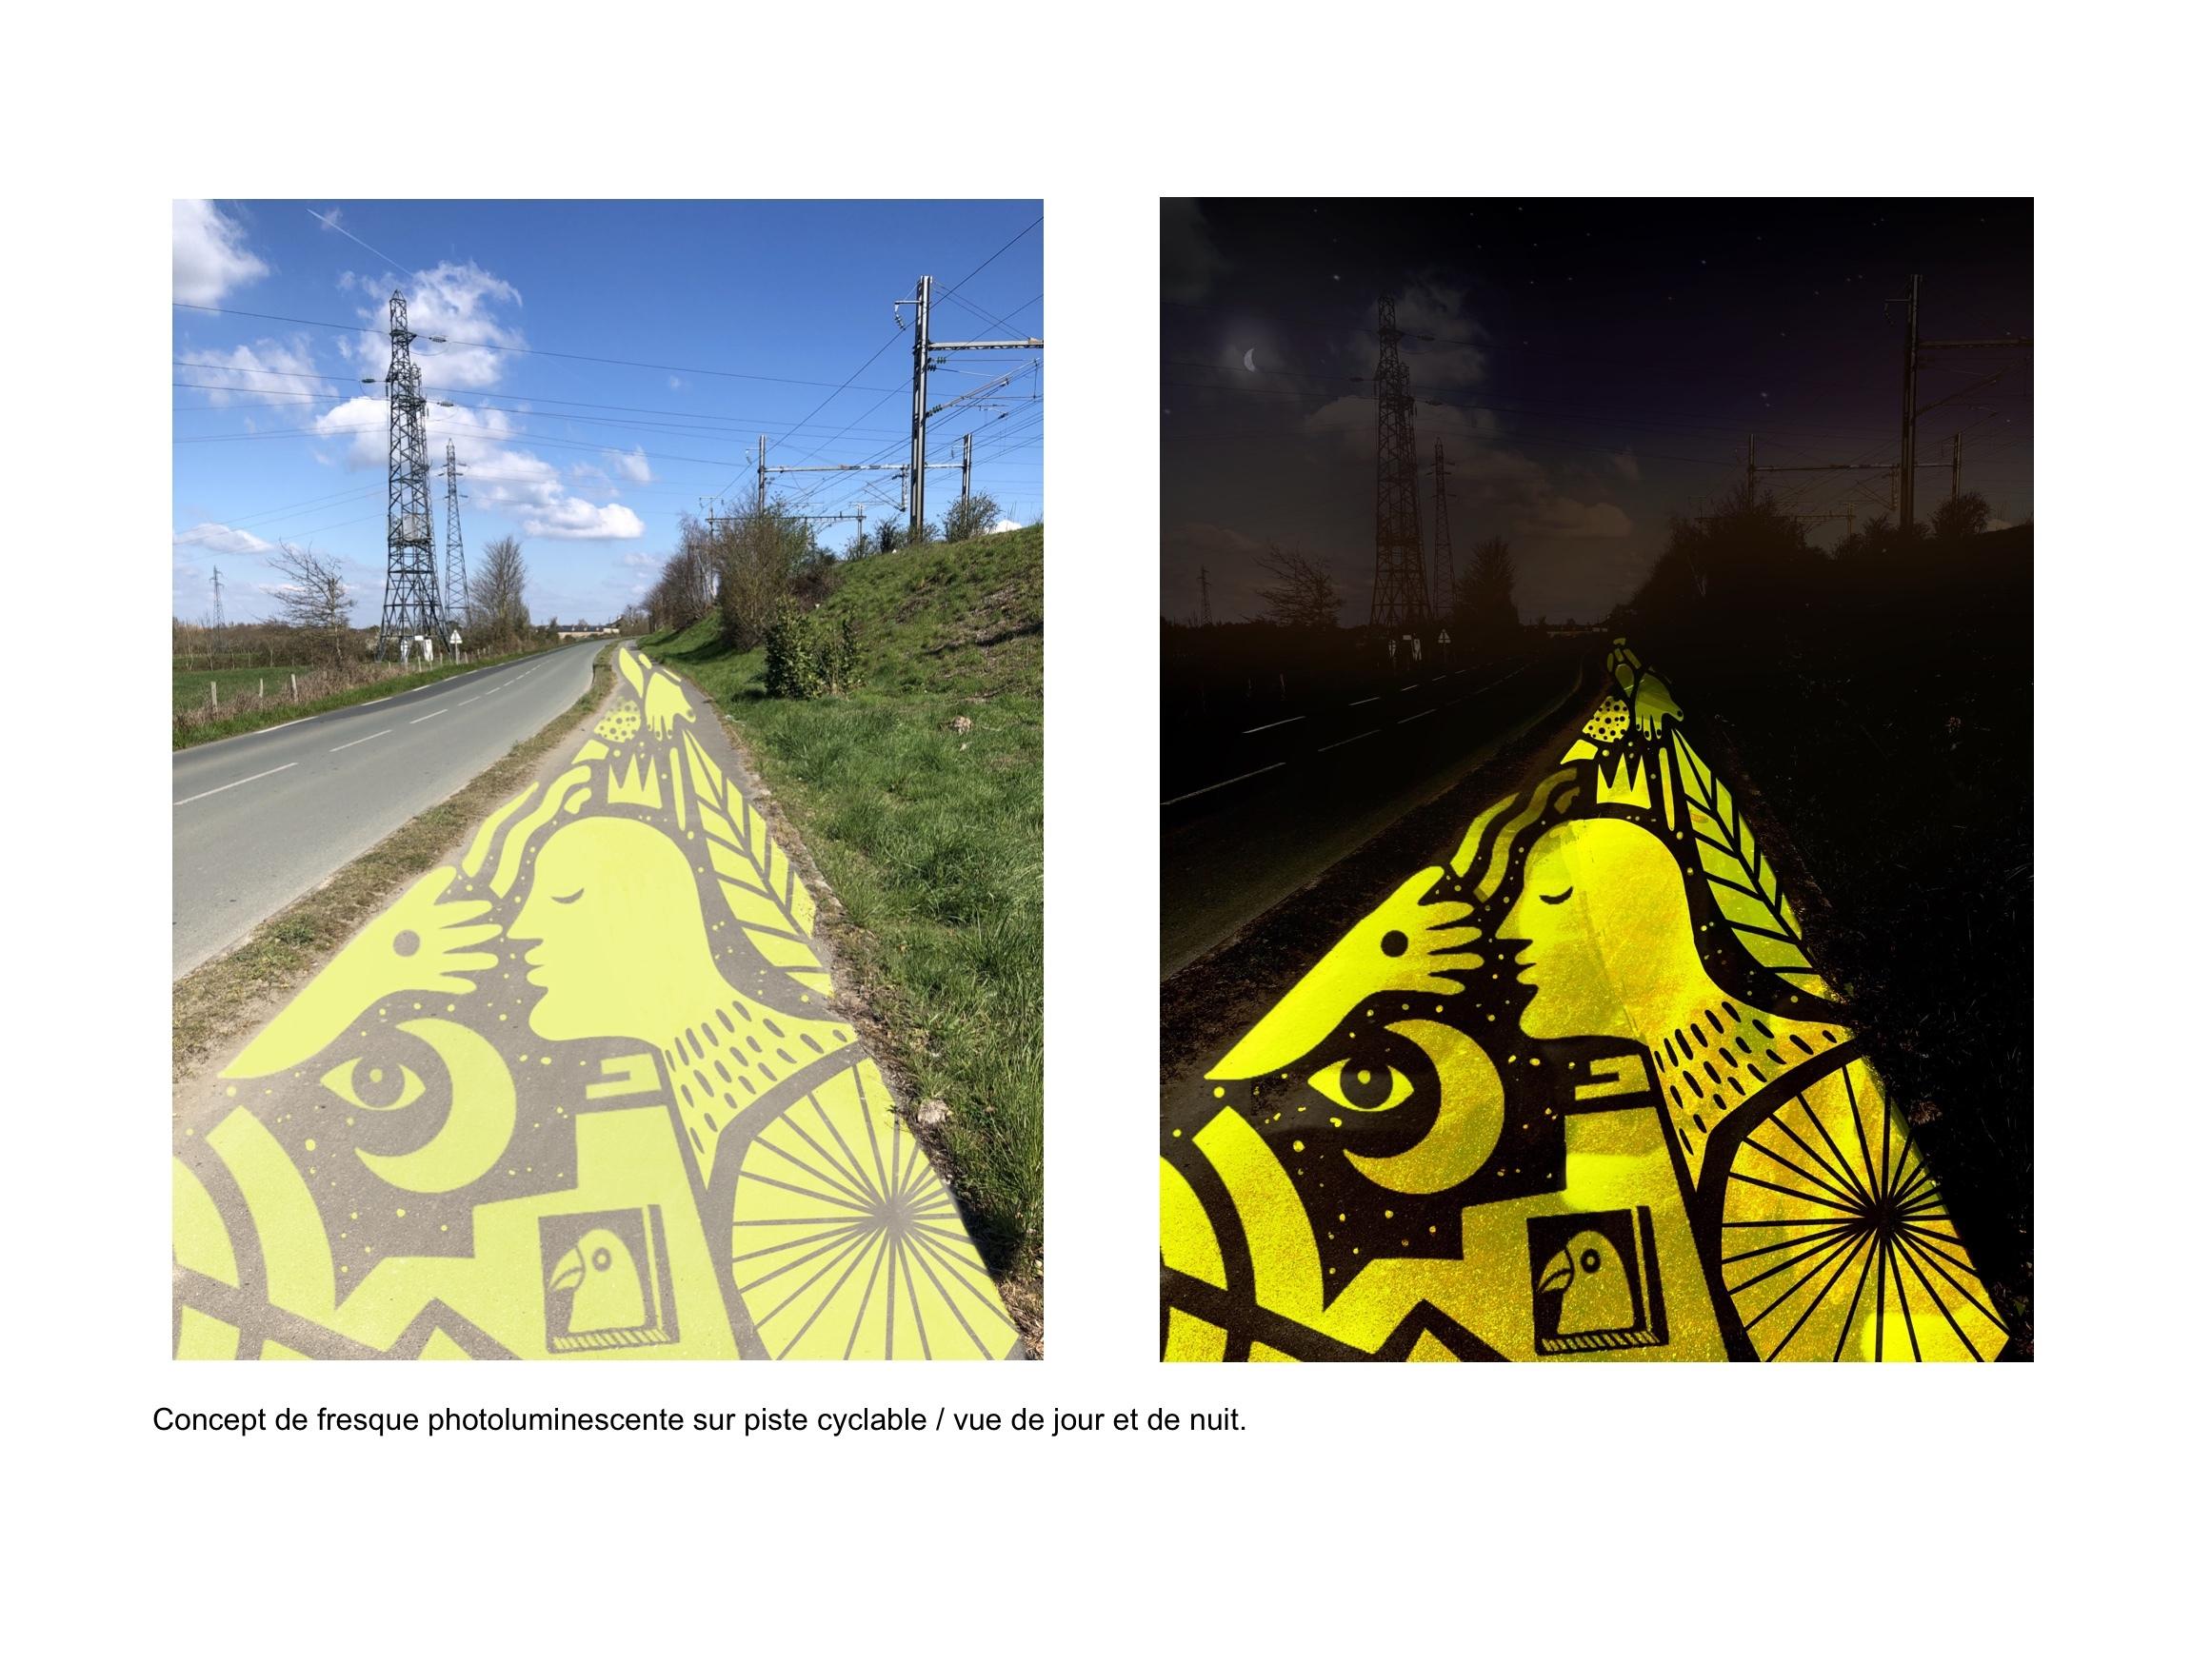 Fresque photoluminescente sur piste cyclable